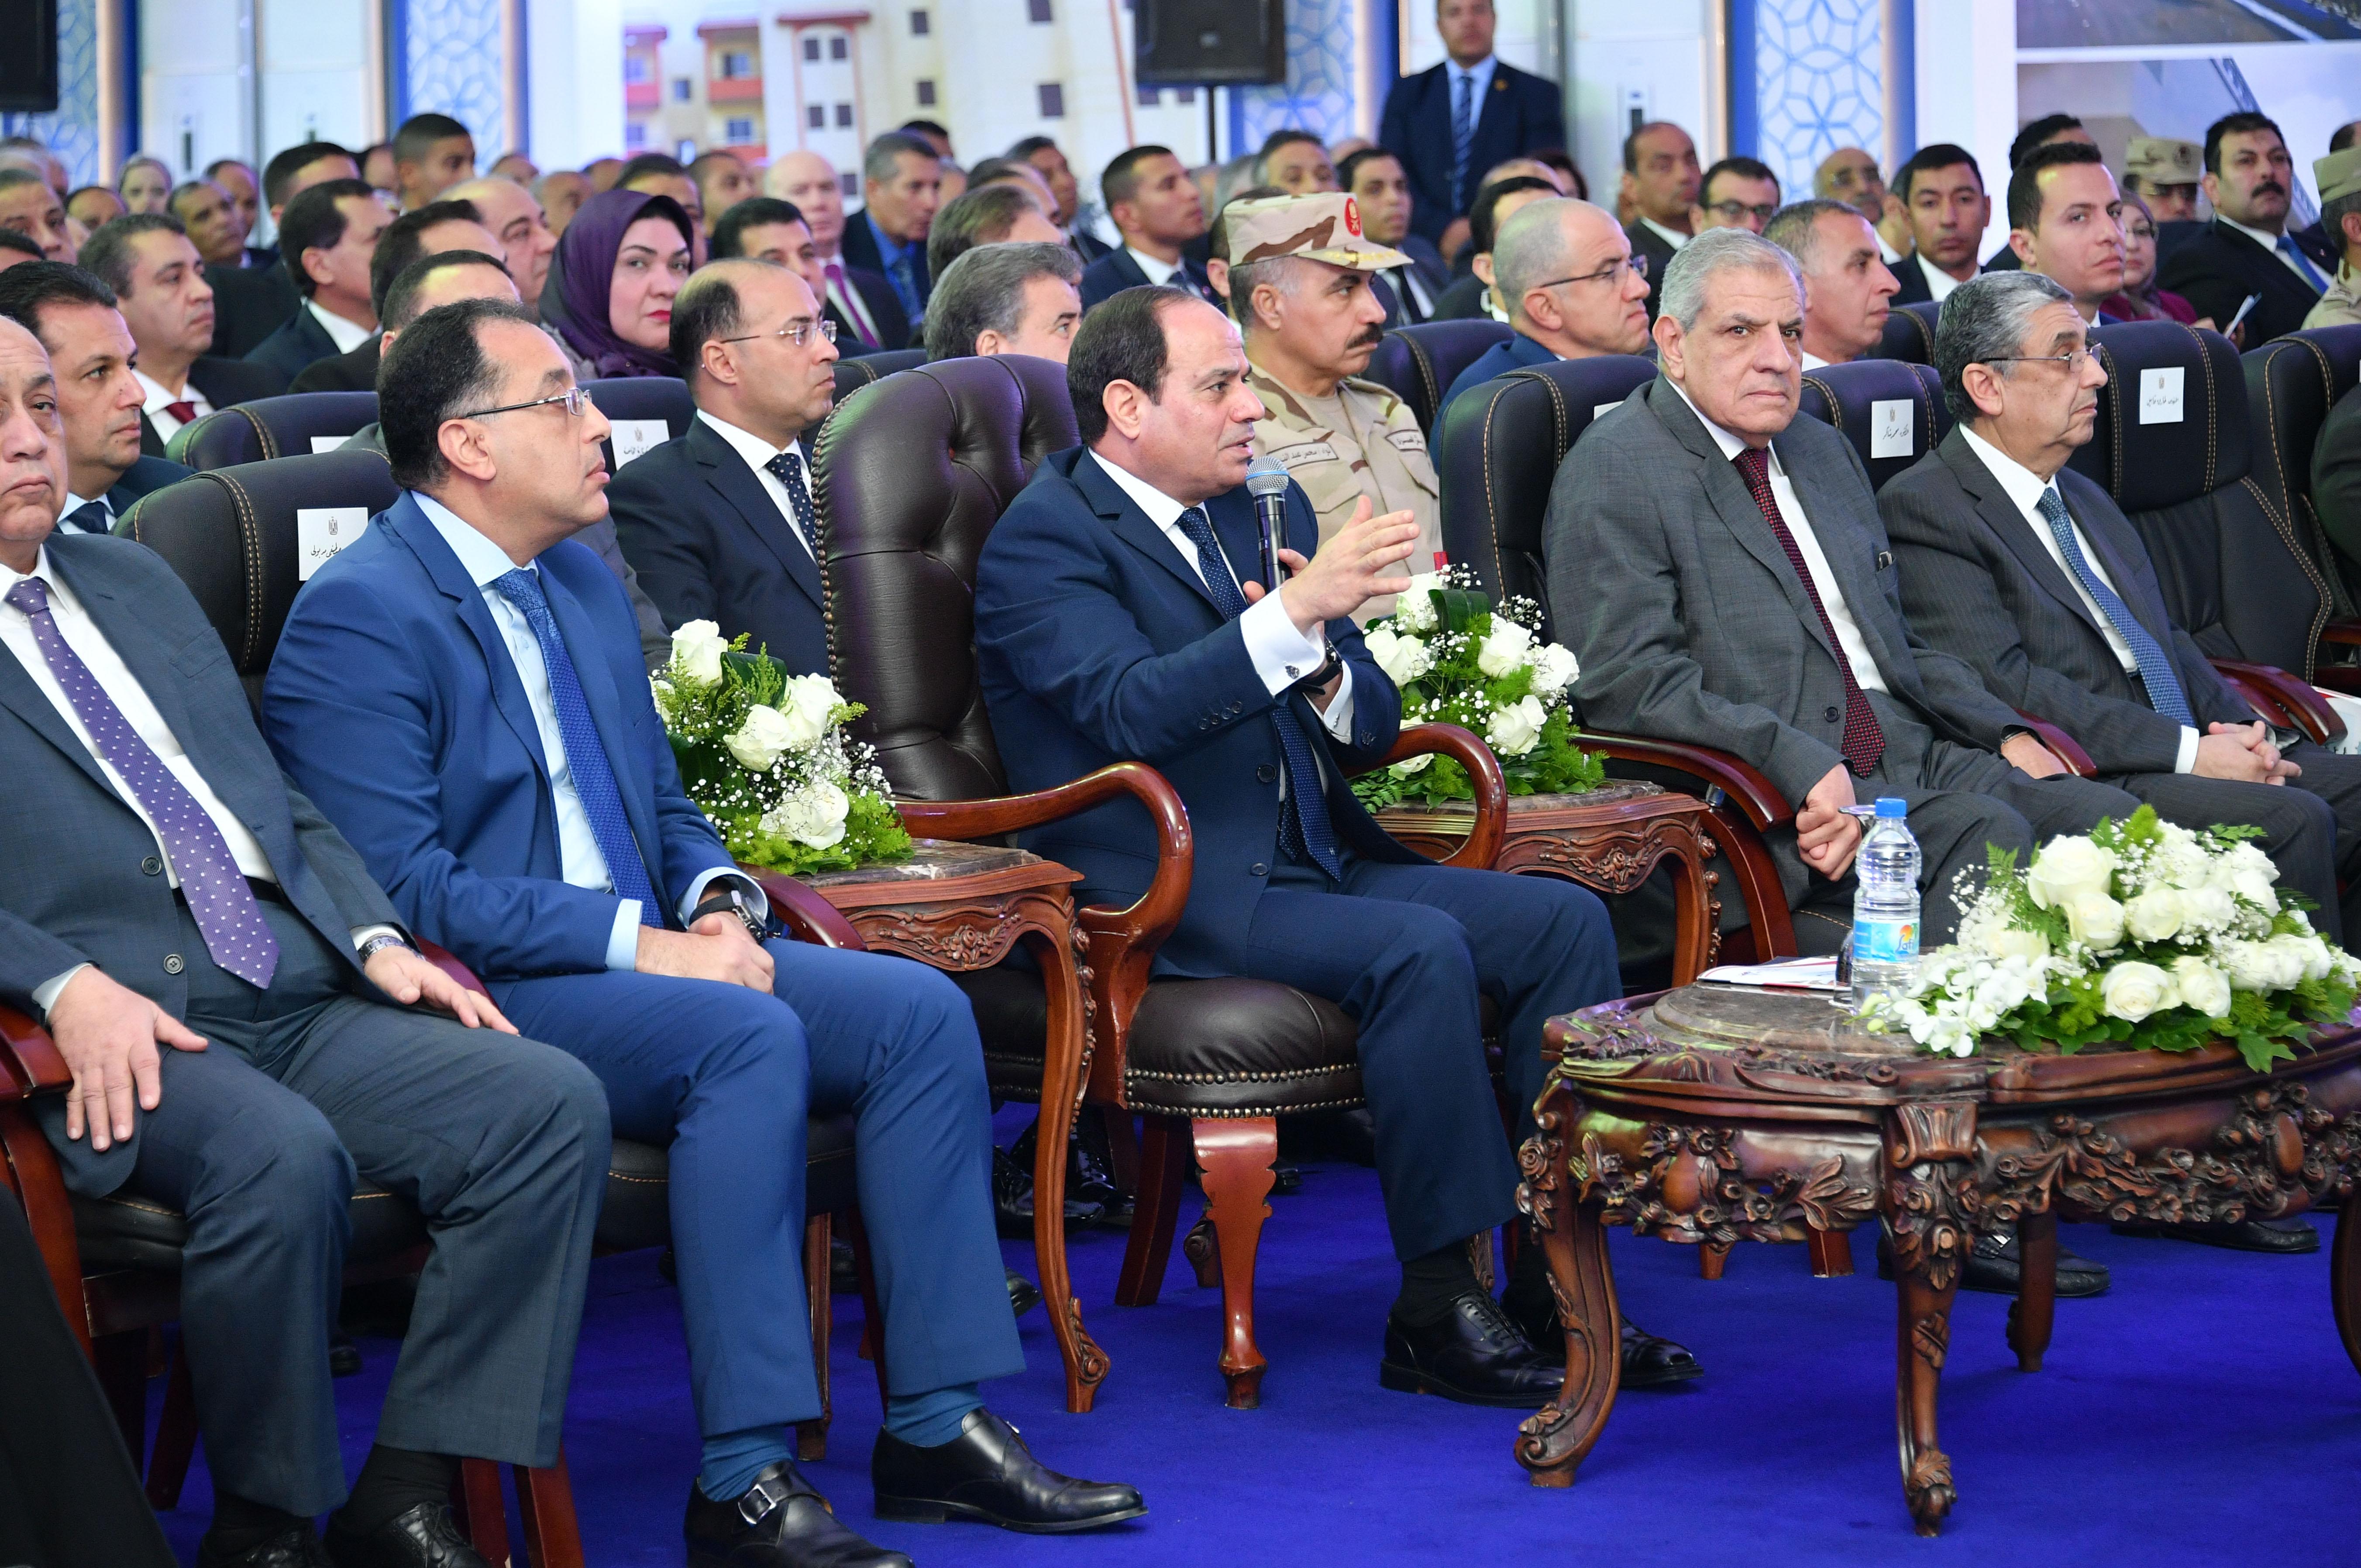 افتتاح الرئيس لمشروعات بالعاشر من رمضان  8-1-2018 (1)